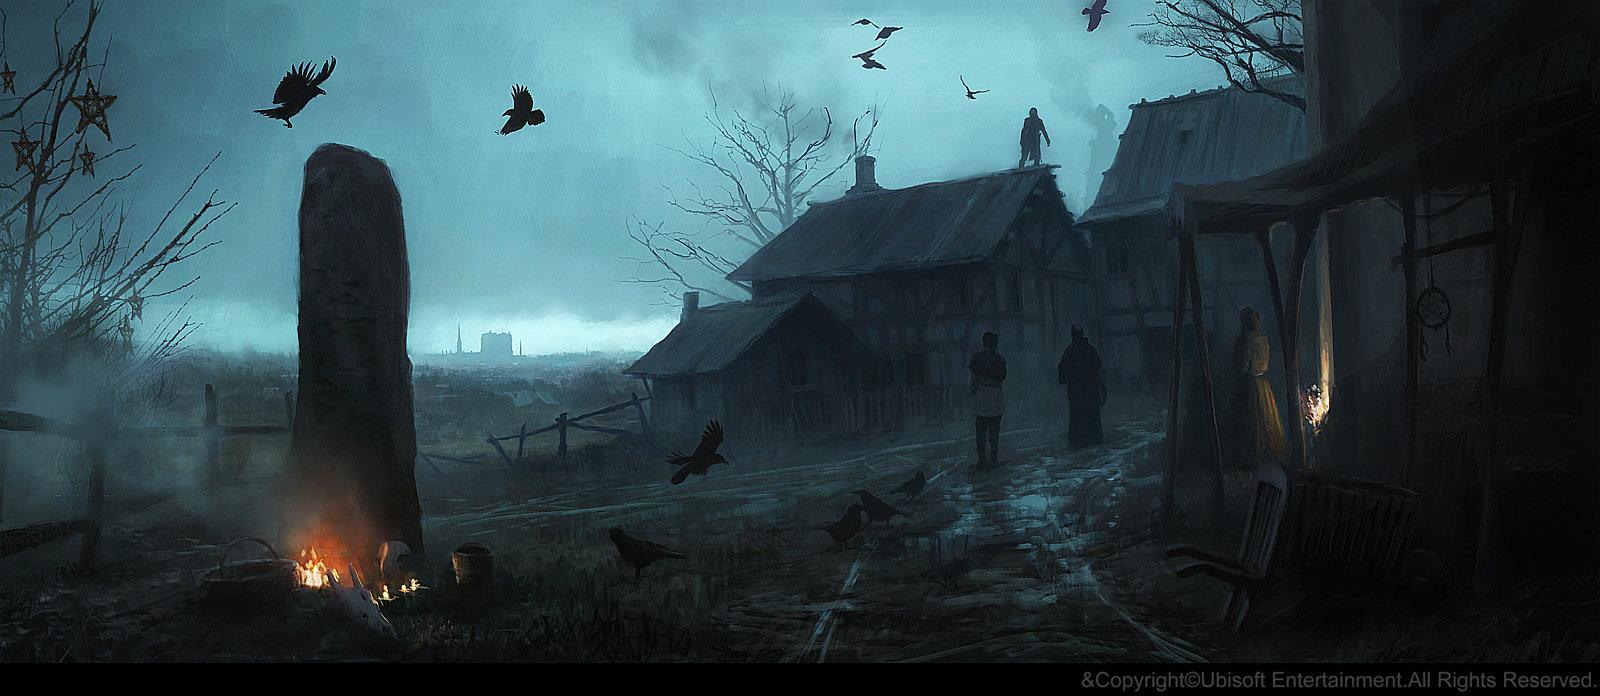 Gilles beloeil acu ev medieval rural mystique gbeloeil